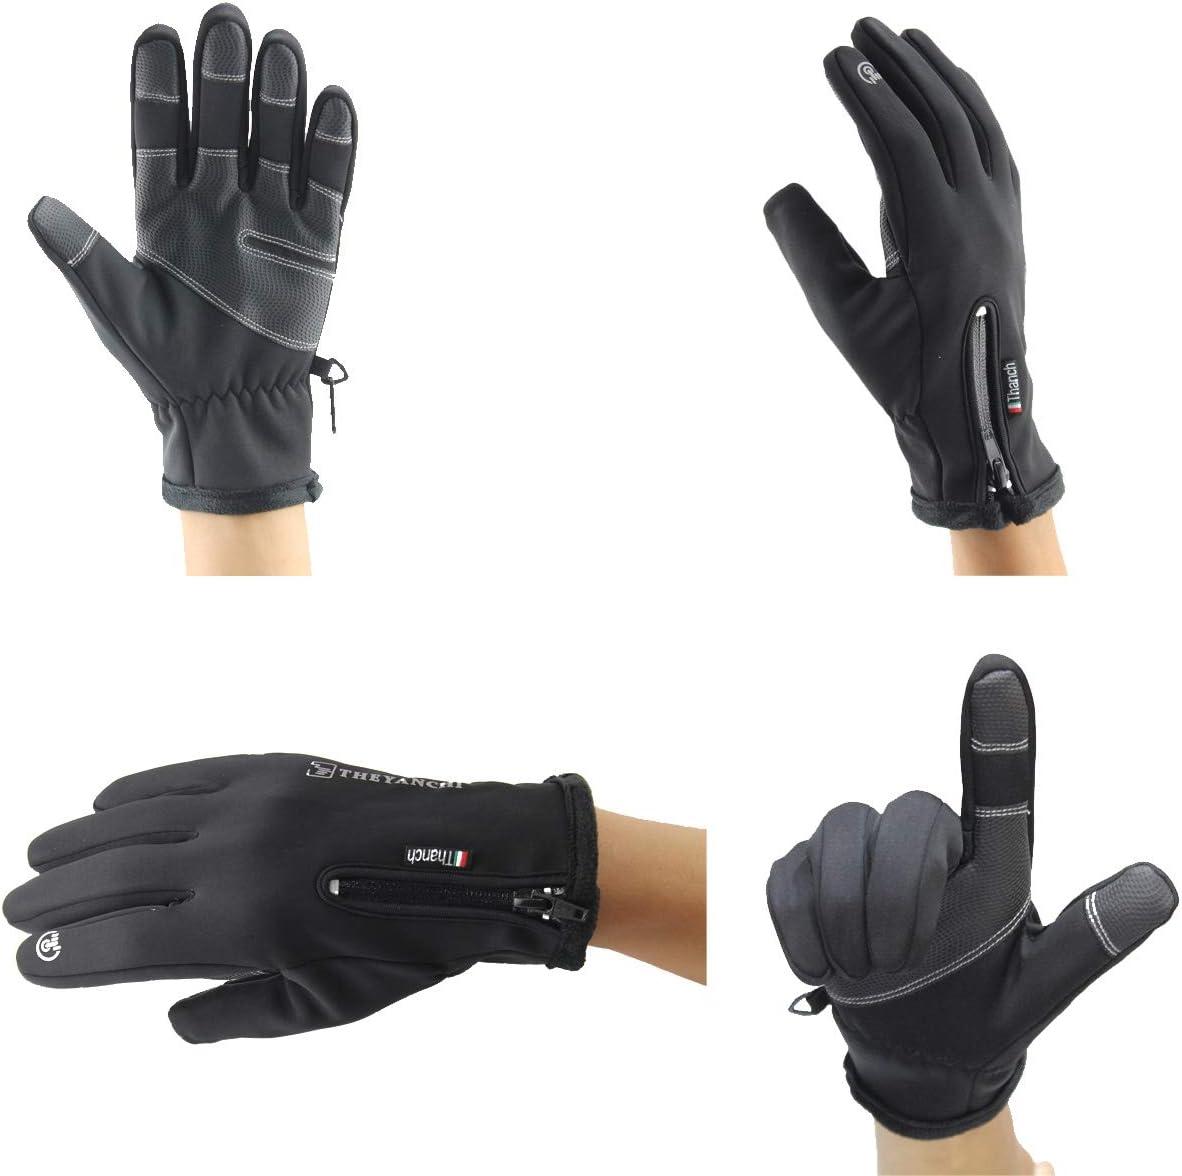 VOHONEY Gants de V/élo Gants Hiver Gants Sport /à /écran Tactile Gants Imperm/éable Coupe-Vent Anti-D/érapant /écran Tactile R/églable Taille Hiver Ext/érieur Unisexe V/élo Gants